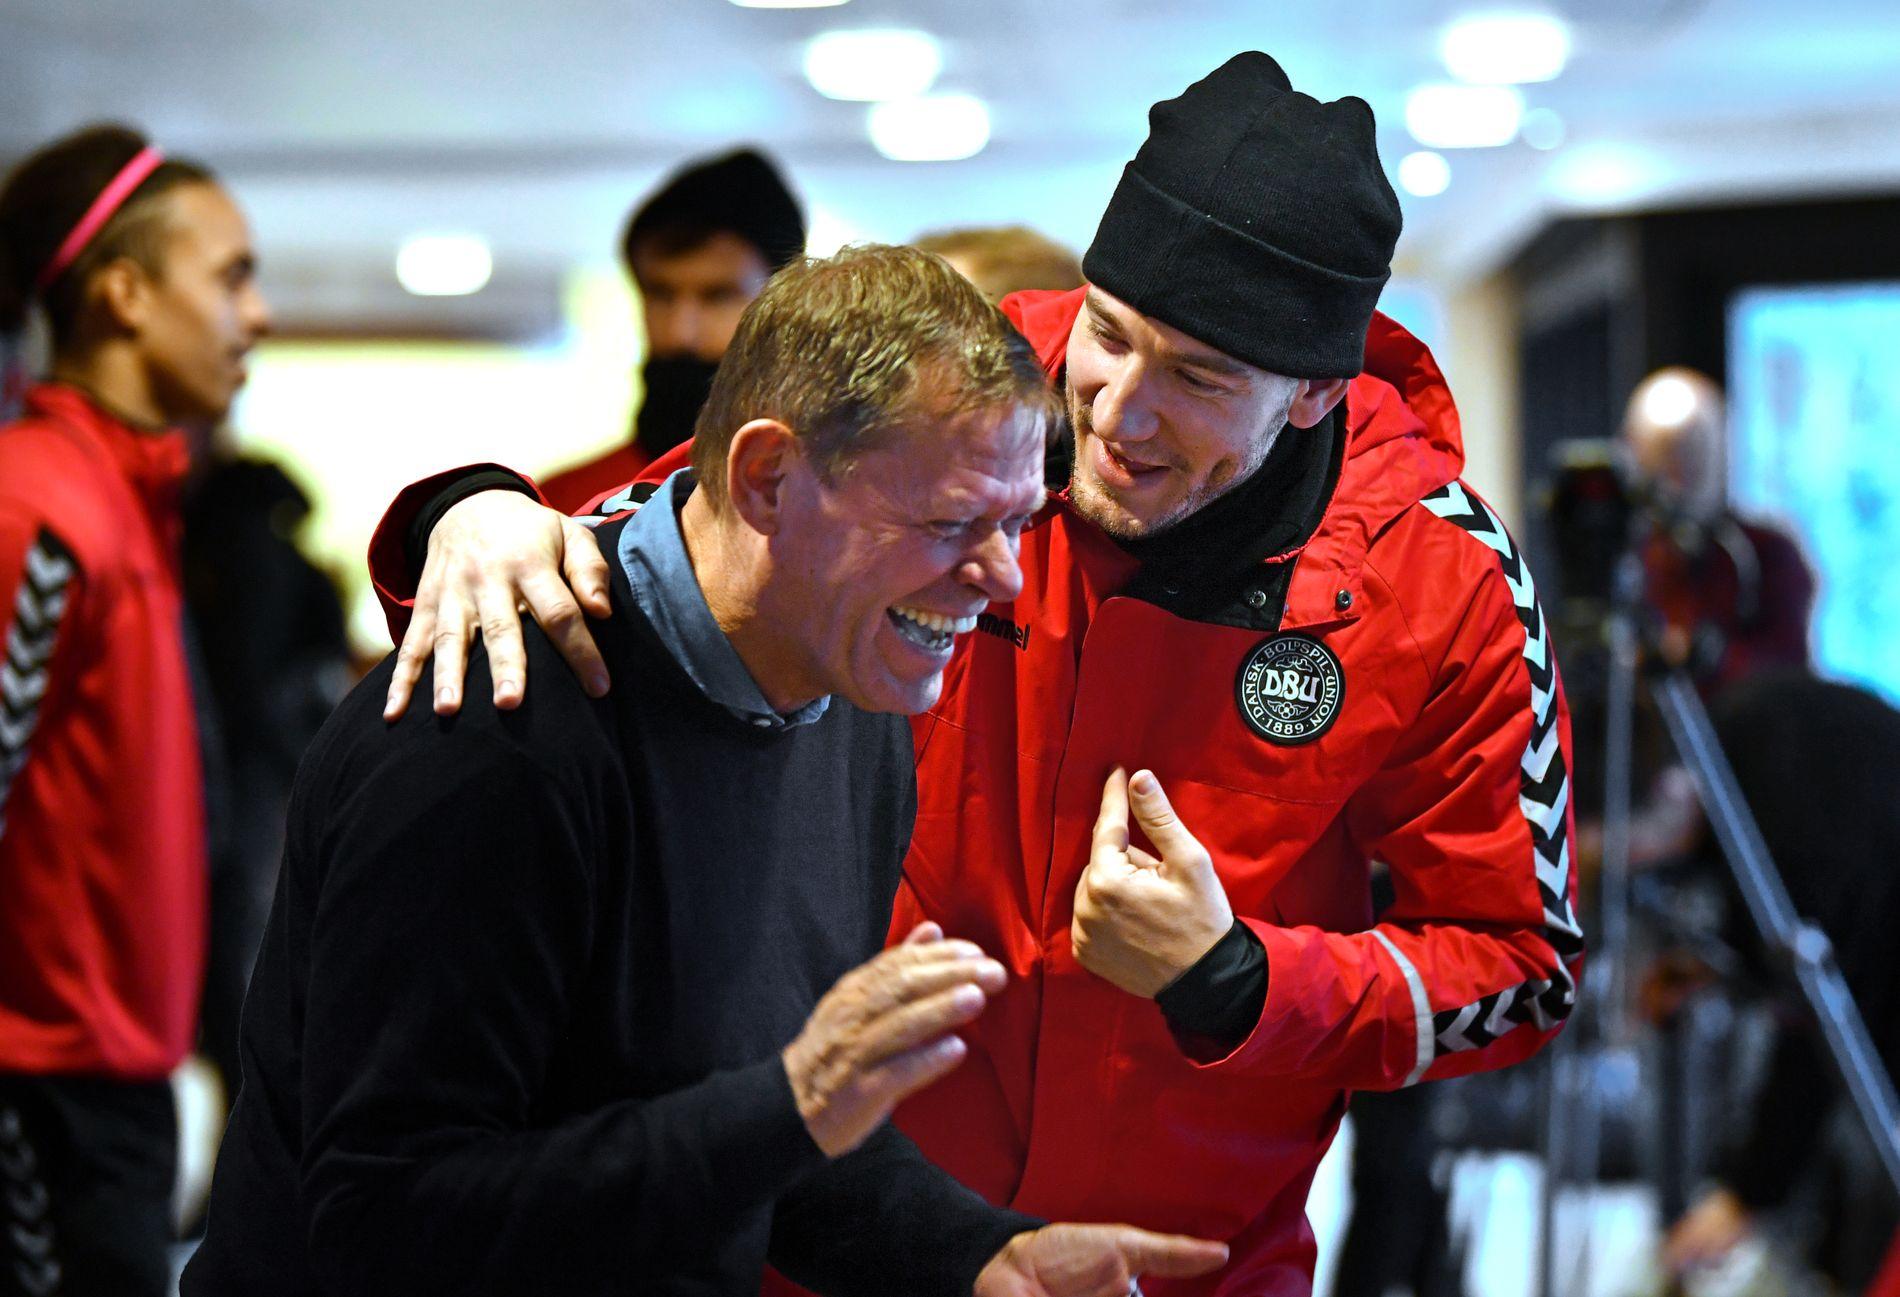 DANSKE HELTER: Frank Arnesen (61) var en av Danmarks største spillere på 1980-tallet. Nå er han ekspert på TV, her fleiper han med 32 år yngre Nicklas Bendtner under tirsdagens pressetreff. Foto: BJØRN S. DELEBEKK,VG.